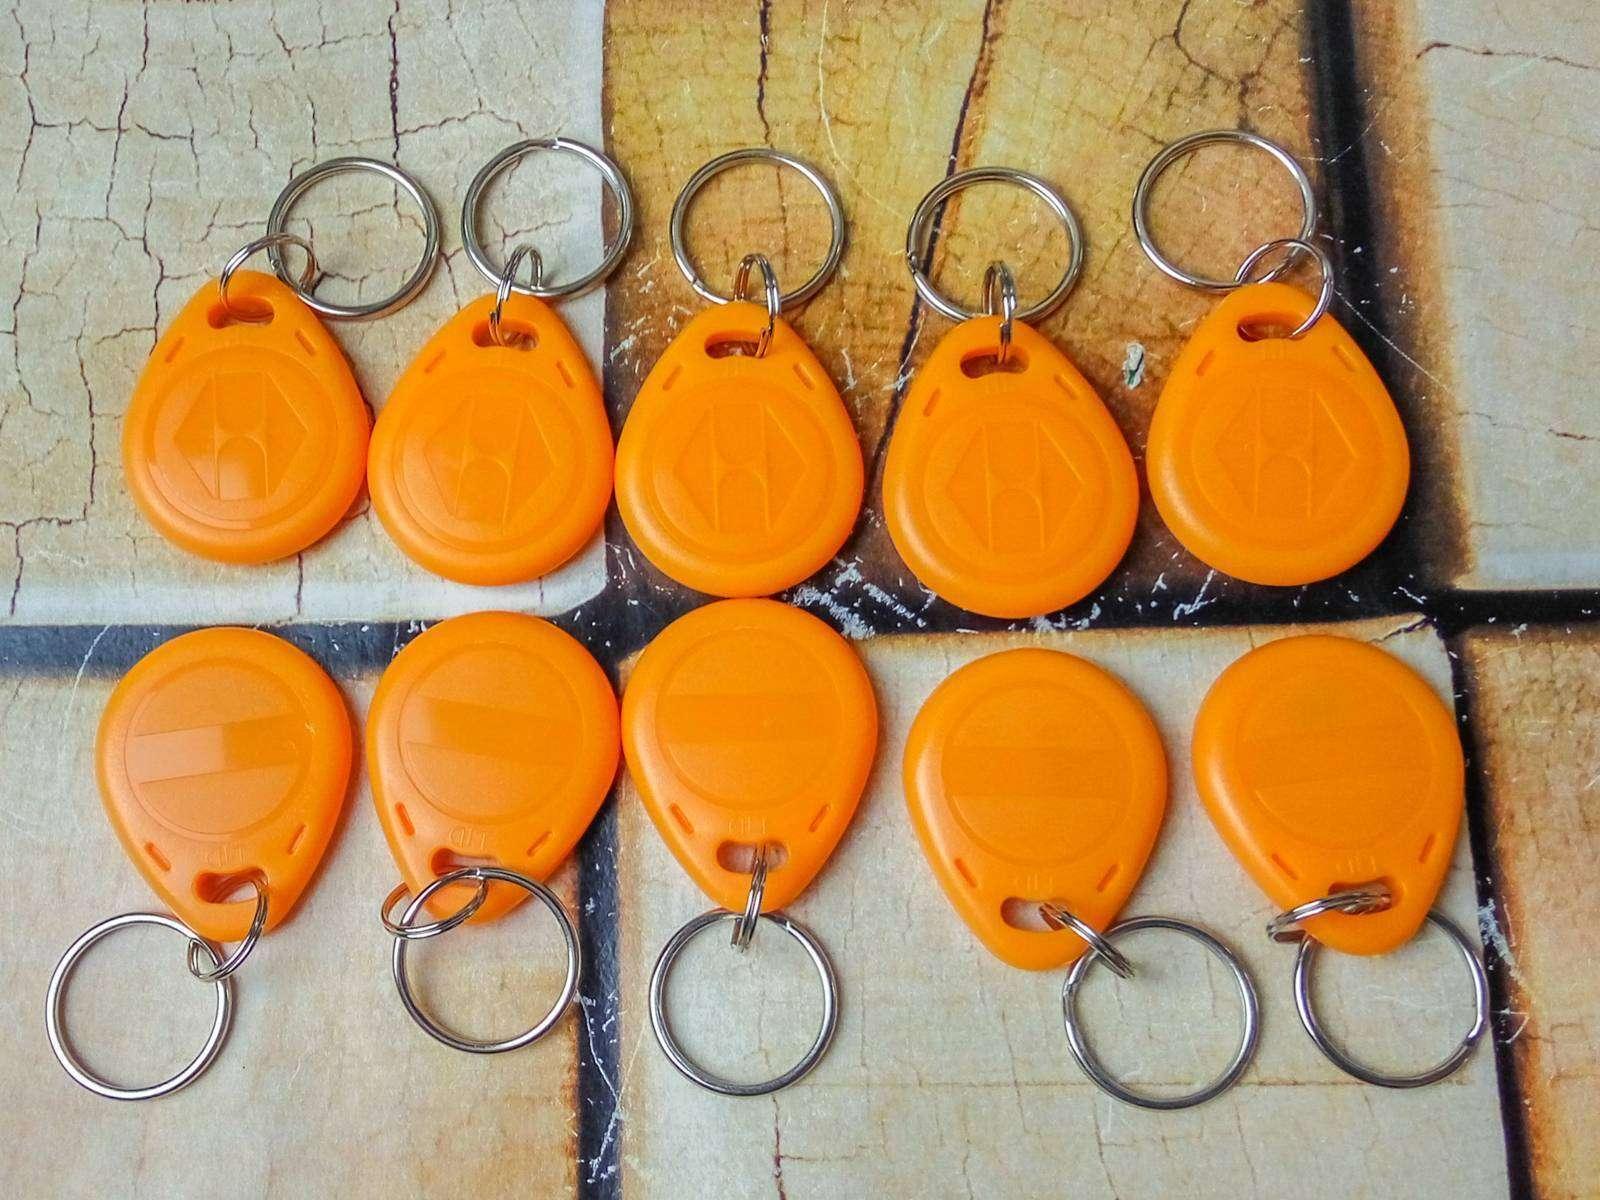 Banggood: 10 записываемых RFID 125KHz брелков